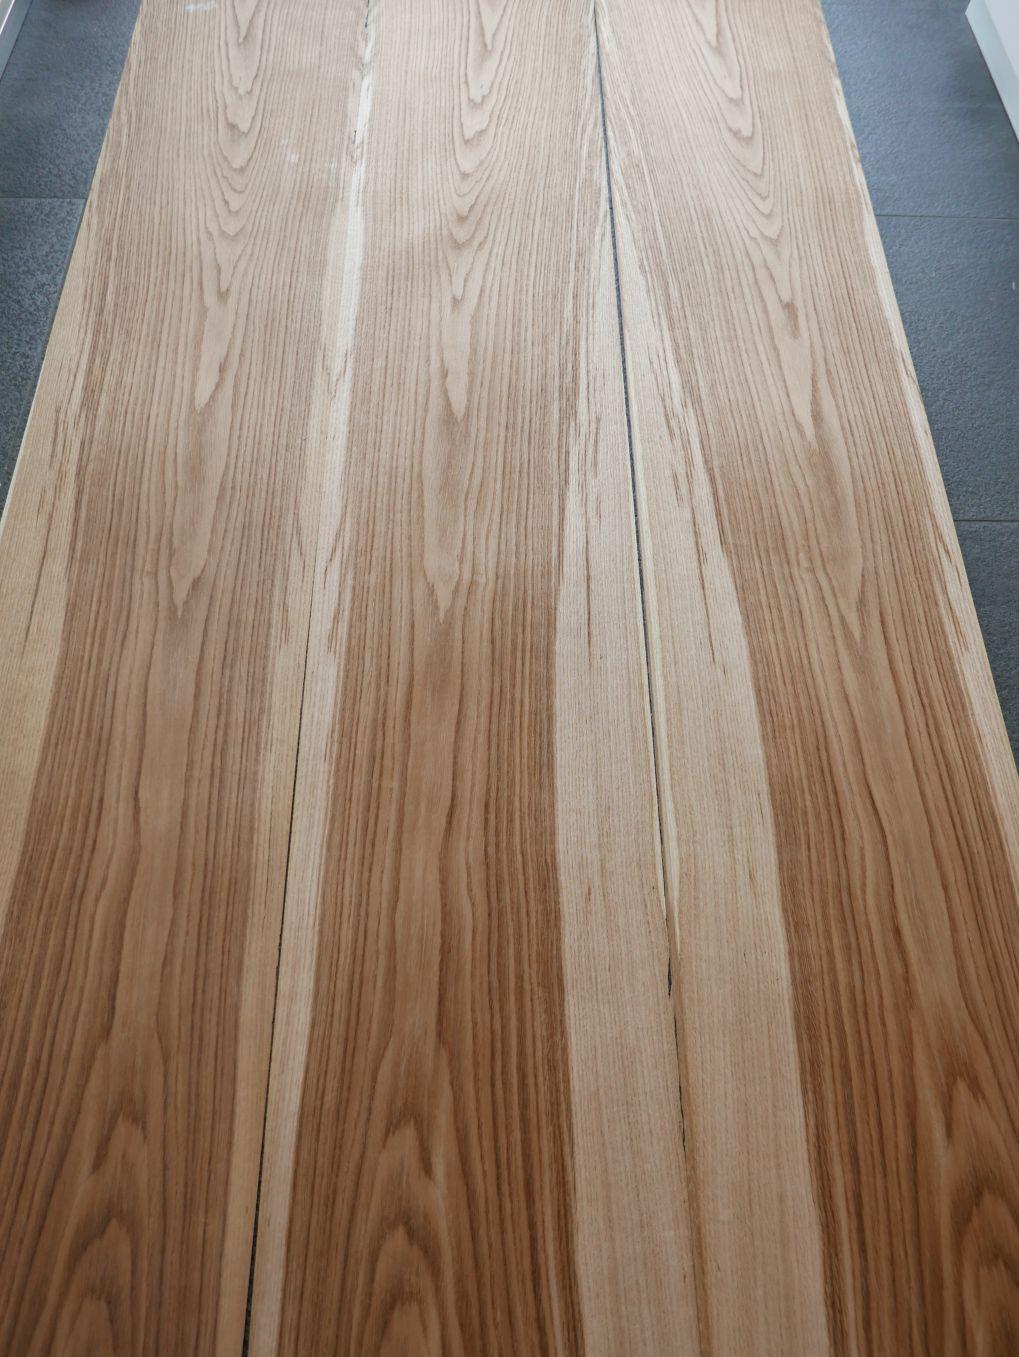 A0181-1 Bruin (Koper) Eiken 39,5-41,5x226cm 30st